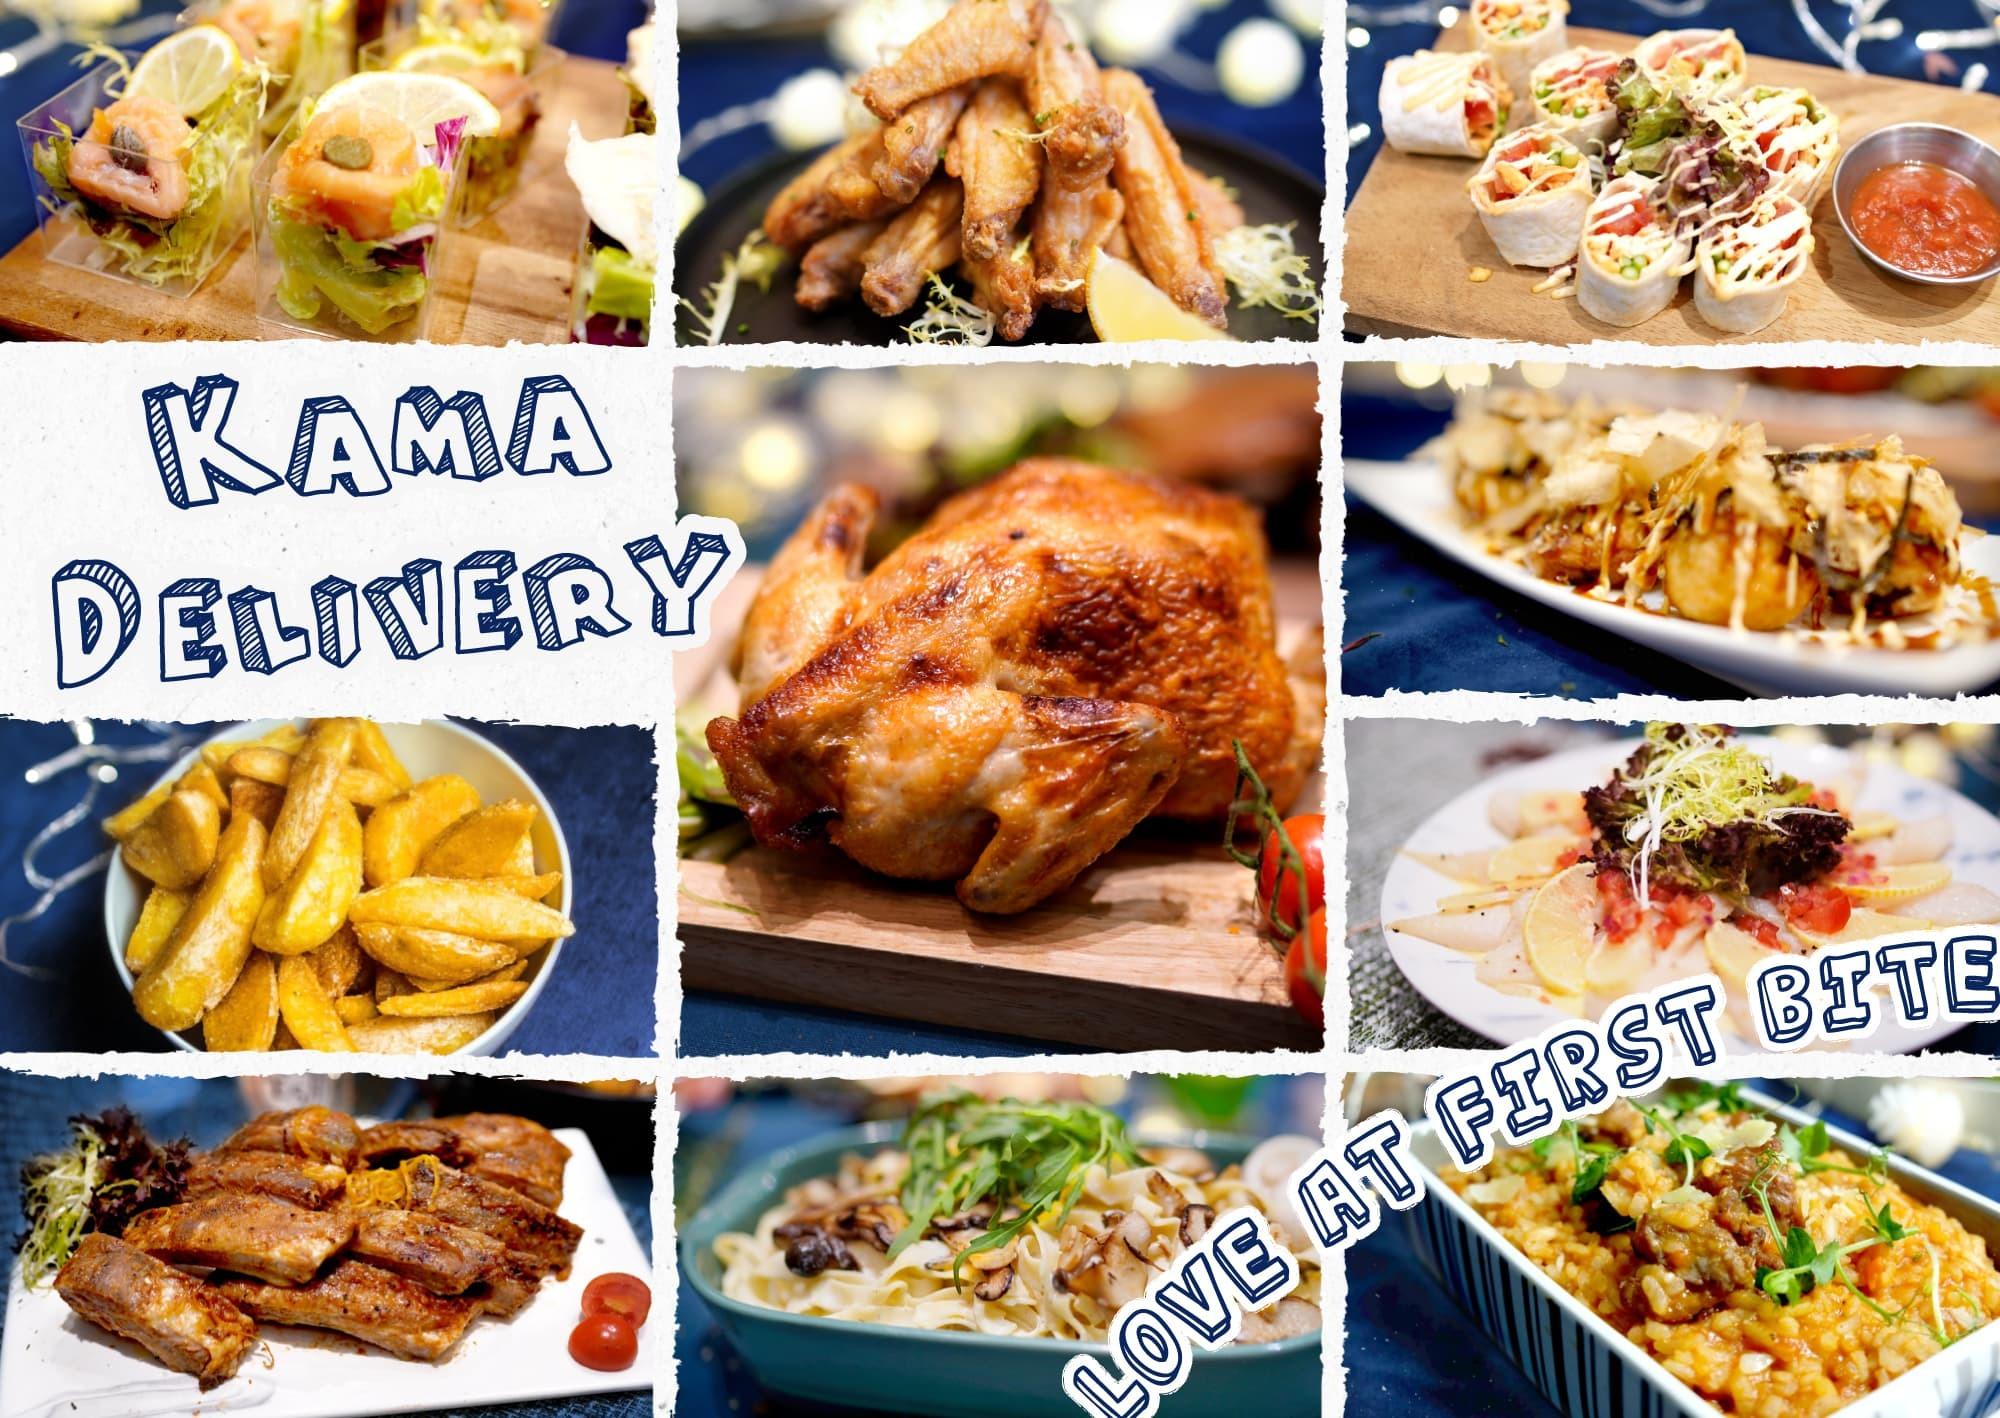 86人到會外賣.推介首選|Kama Delivery一直致力供應多元化的到會外賣服務,以合理價錢,為客人打造最合適的餐飲,迎合不同場合的外賣需求。除了外賣套餐之外,我們同樣設有過百款的單點食物,包括沙律、小食、肉類、海鮮、飲品等等,大量美食任君選擇。